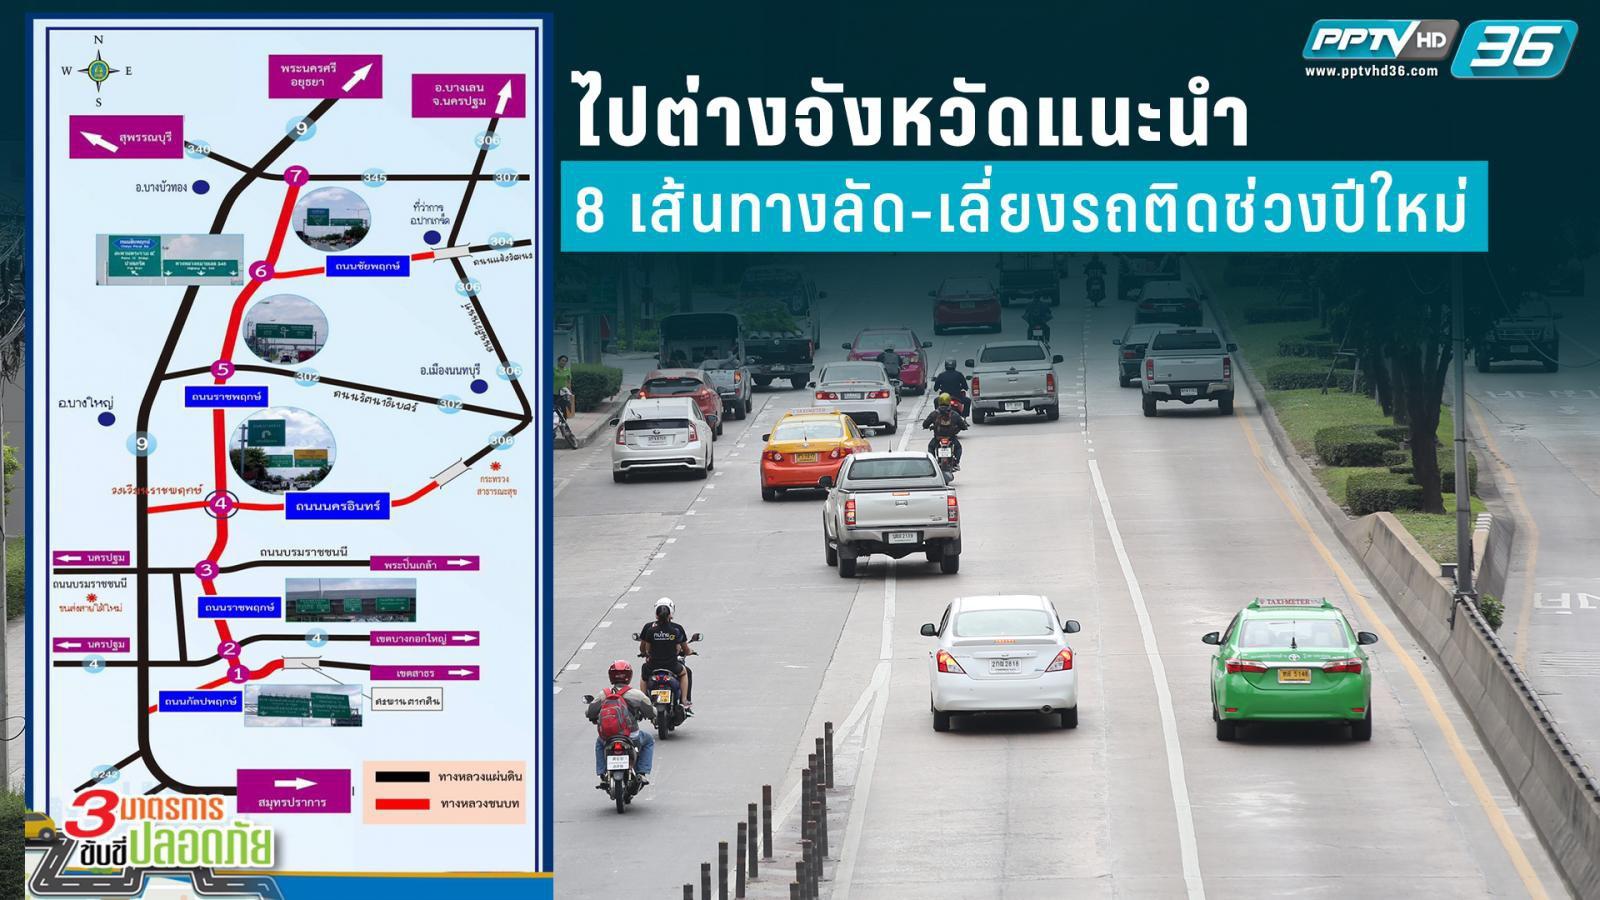 ไปต่างจังหวัดแนะนำ 8 เส้นทางลัด-เลี่ยงรถติดช่วงปีใหม่